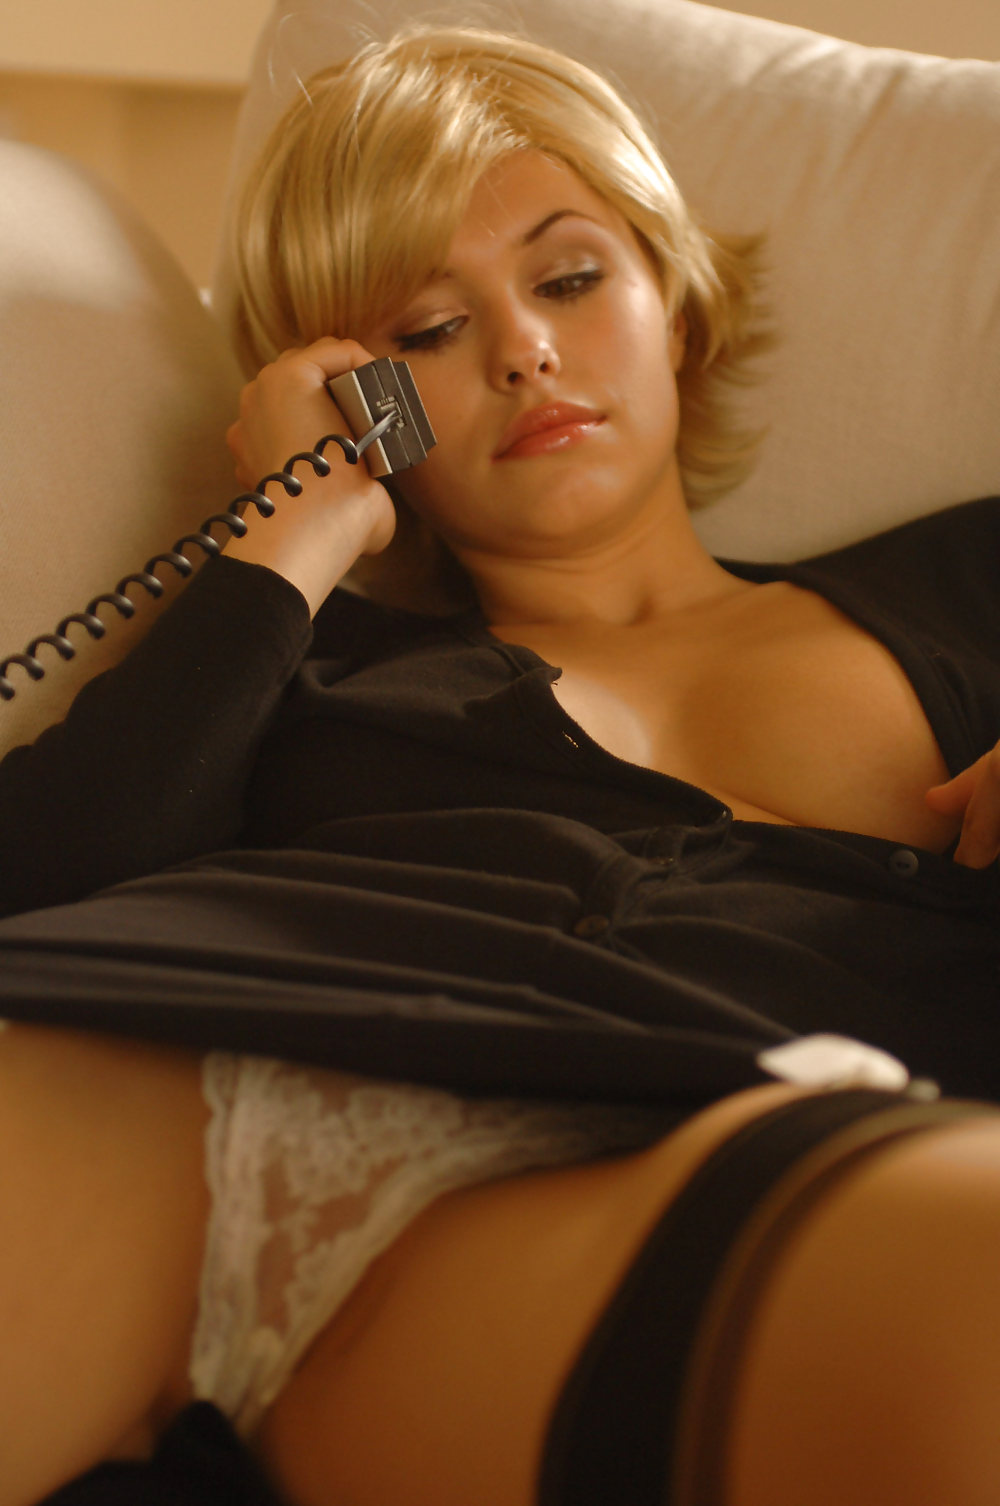 Последний сексуальные бизнес леди эротические фото онлайн для